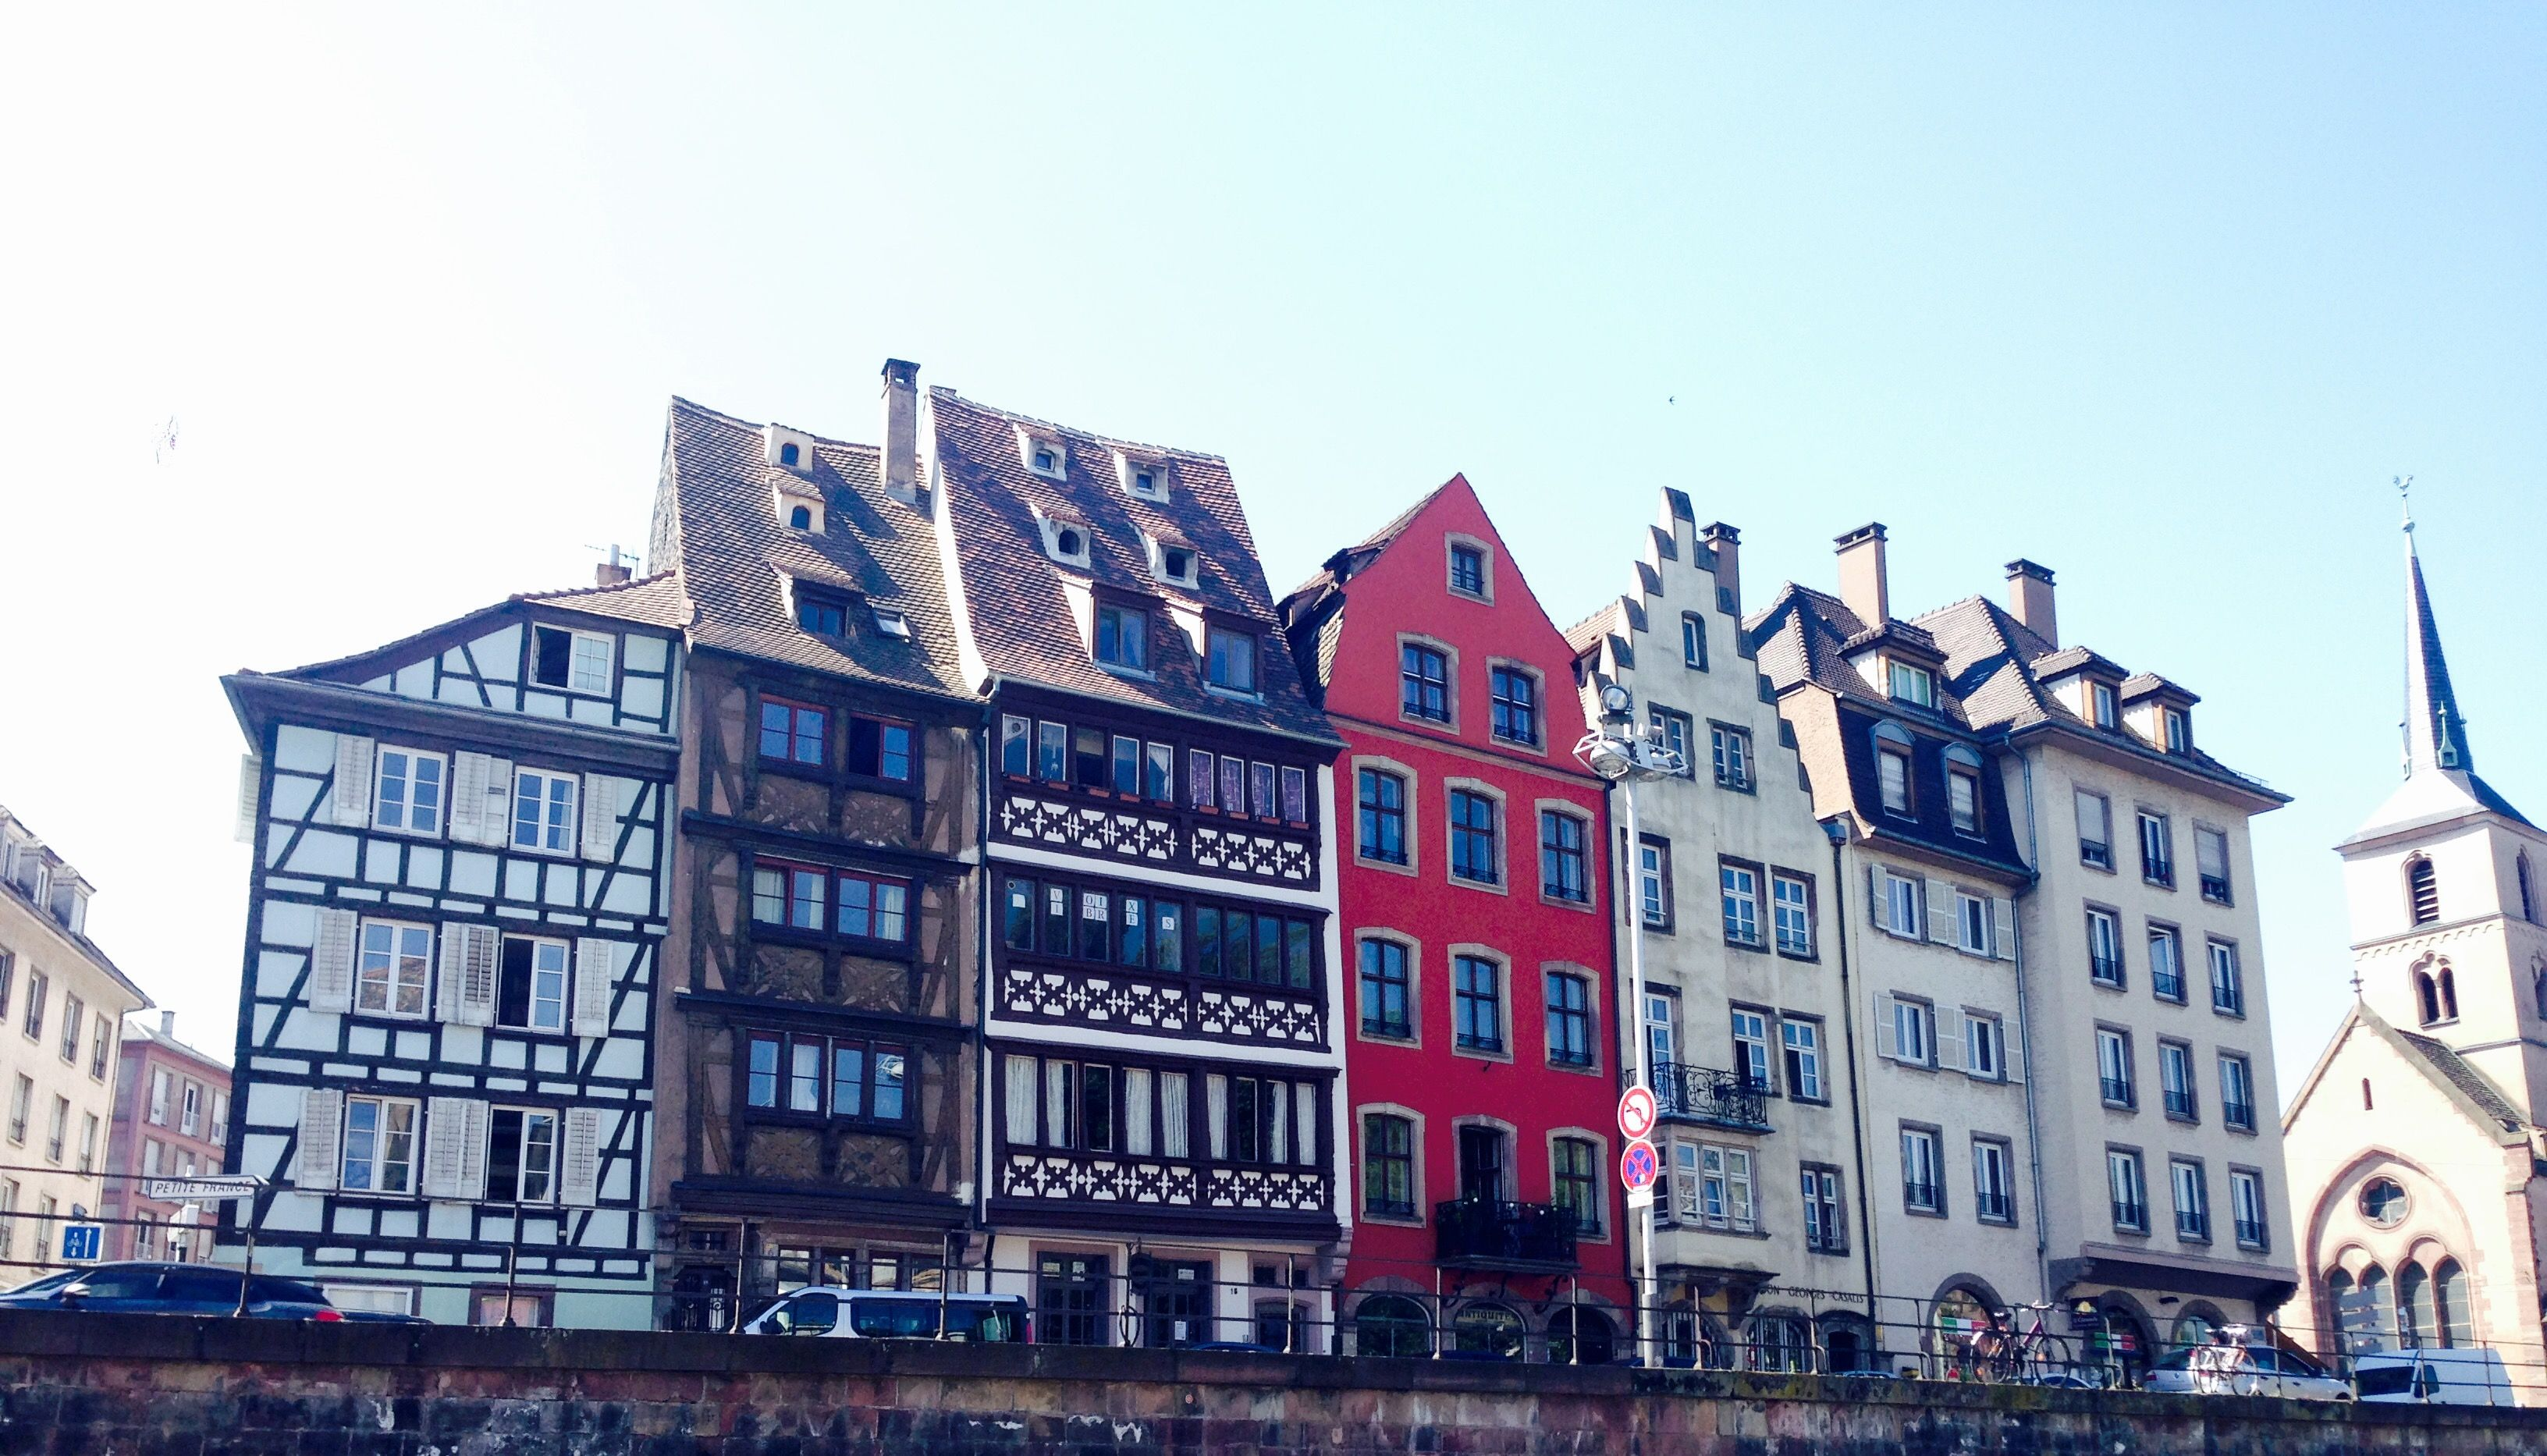 Strasbourg, des maisons à colombages